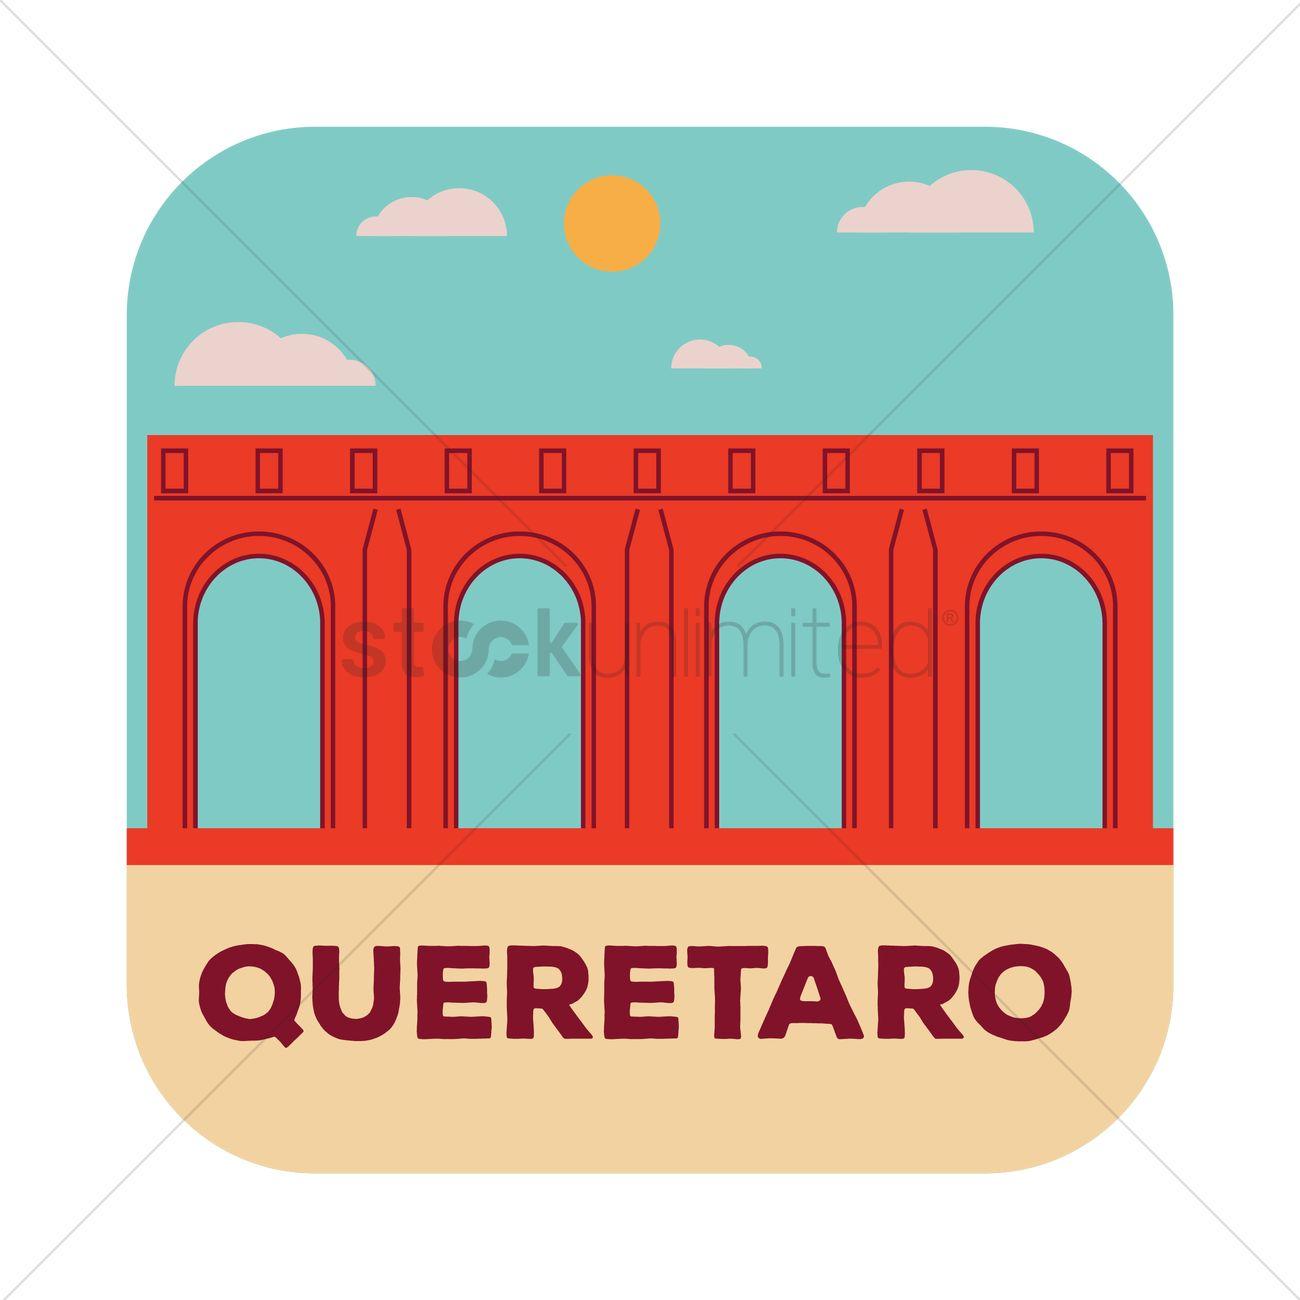 Queretaro Vector Image.